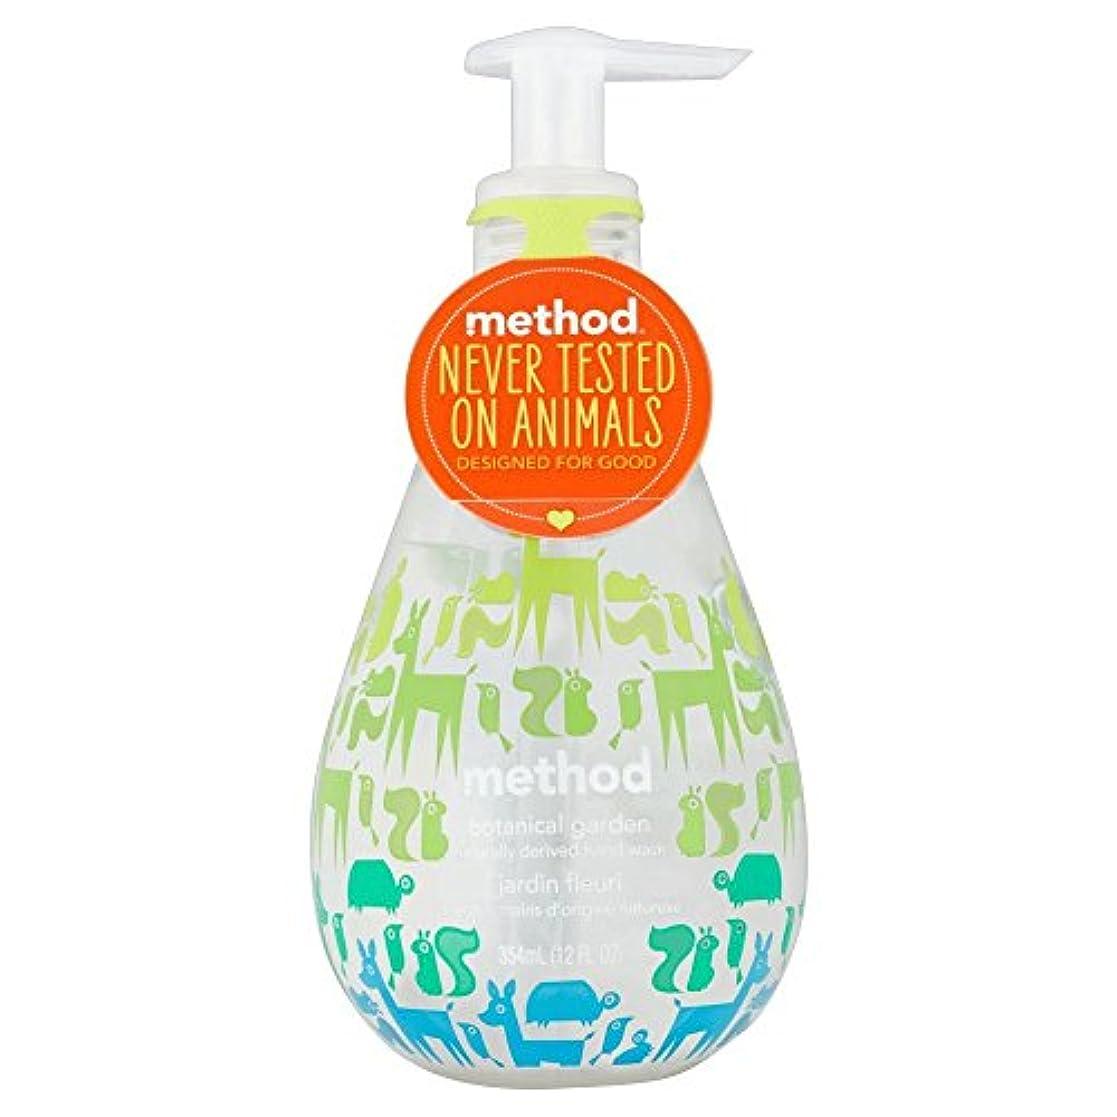 住所混合教科書Method Hand Wash - Botanical Garden (354ml) メソッドハンドウォッシュ - 植物園( 354ミリリットル) [並行輸入品]